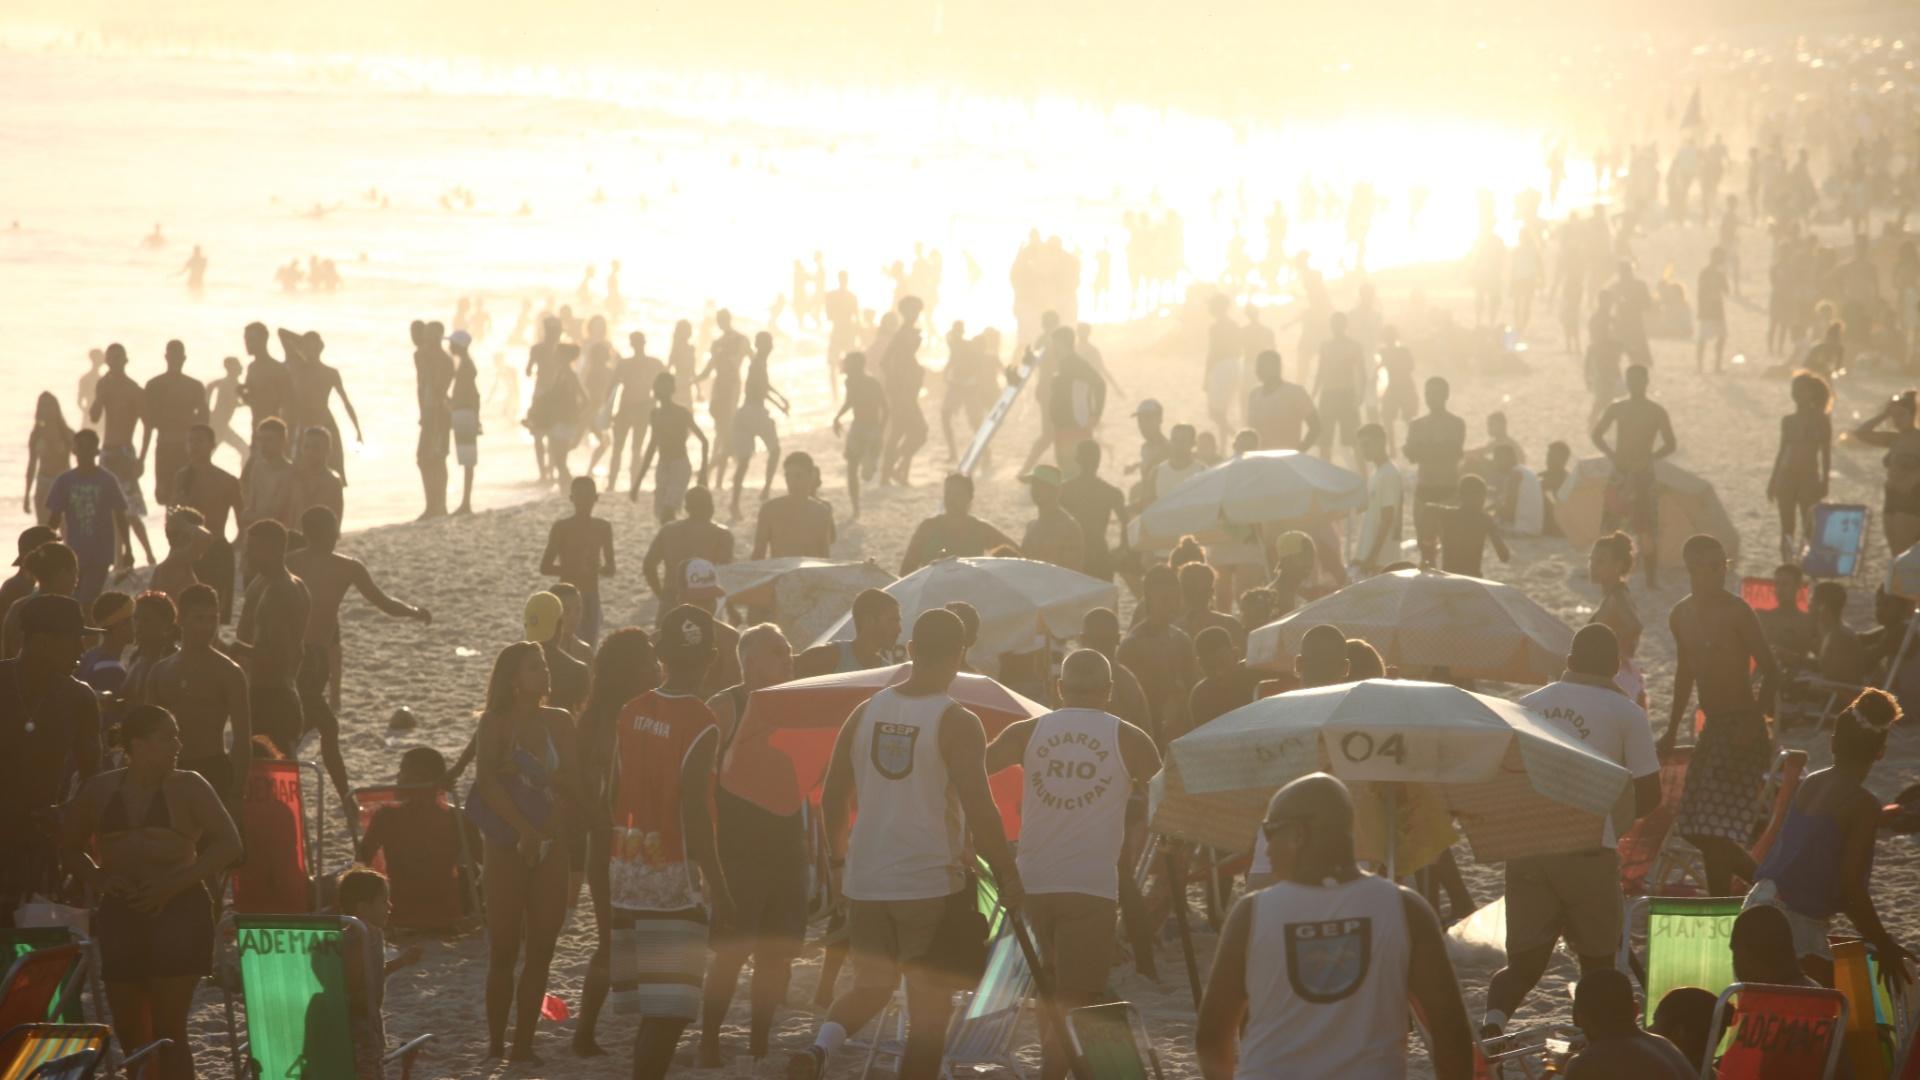 24.ago.2014 - Tumulto com suposto arrastão em dia movimentado de banhistas que lotaram a praia do Arpoador, na zona sul do Rio de Janeiro, na tarde de domingo